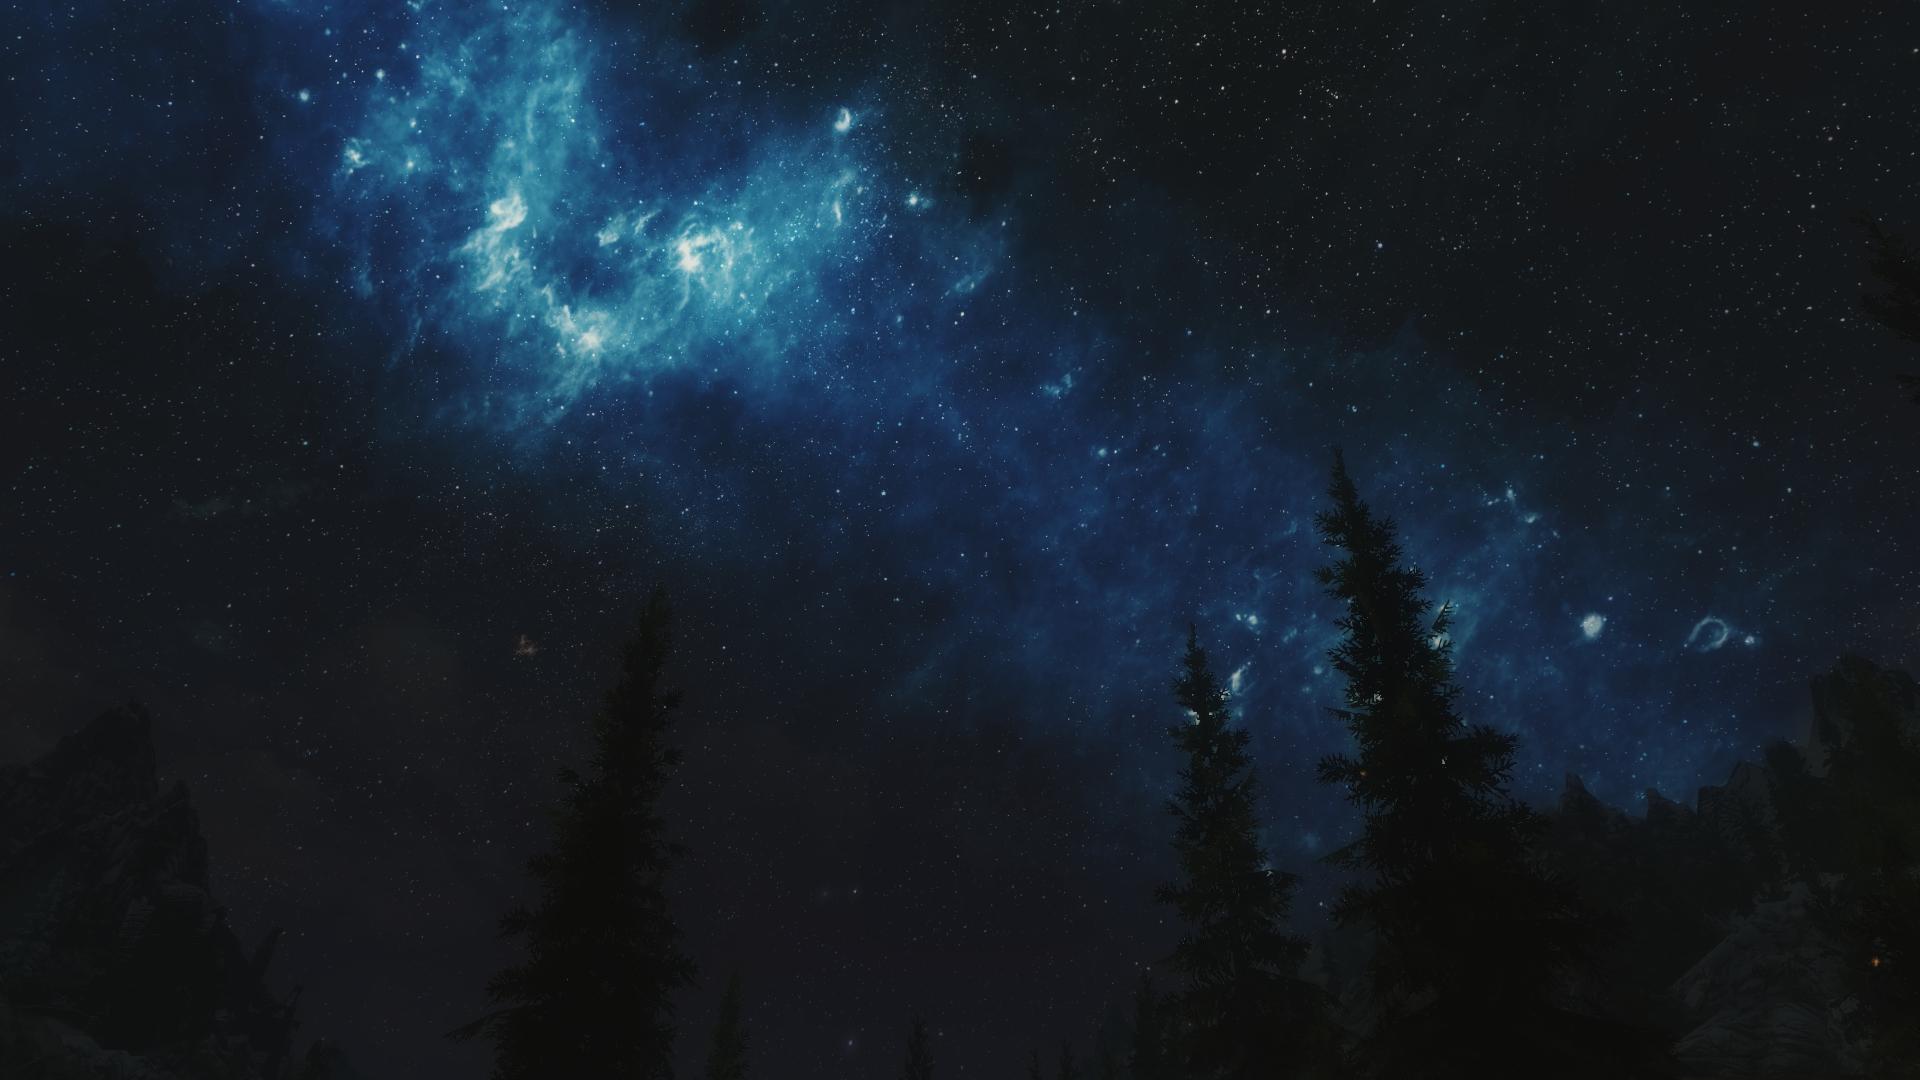 Dark Sky Background